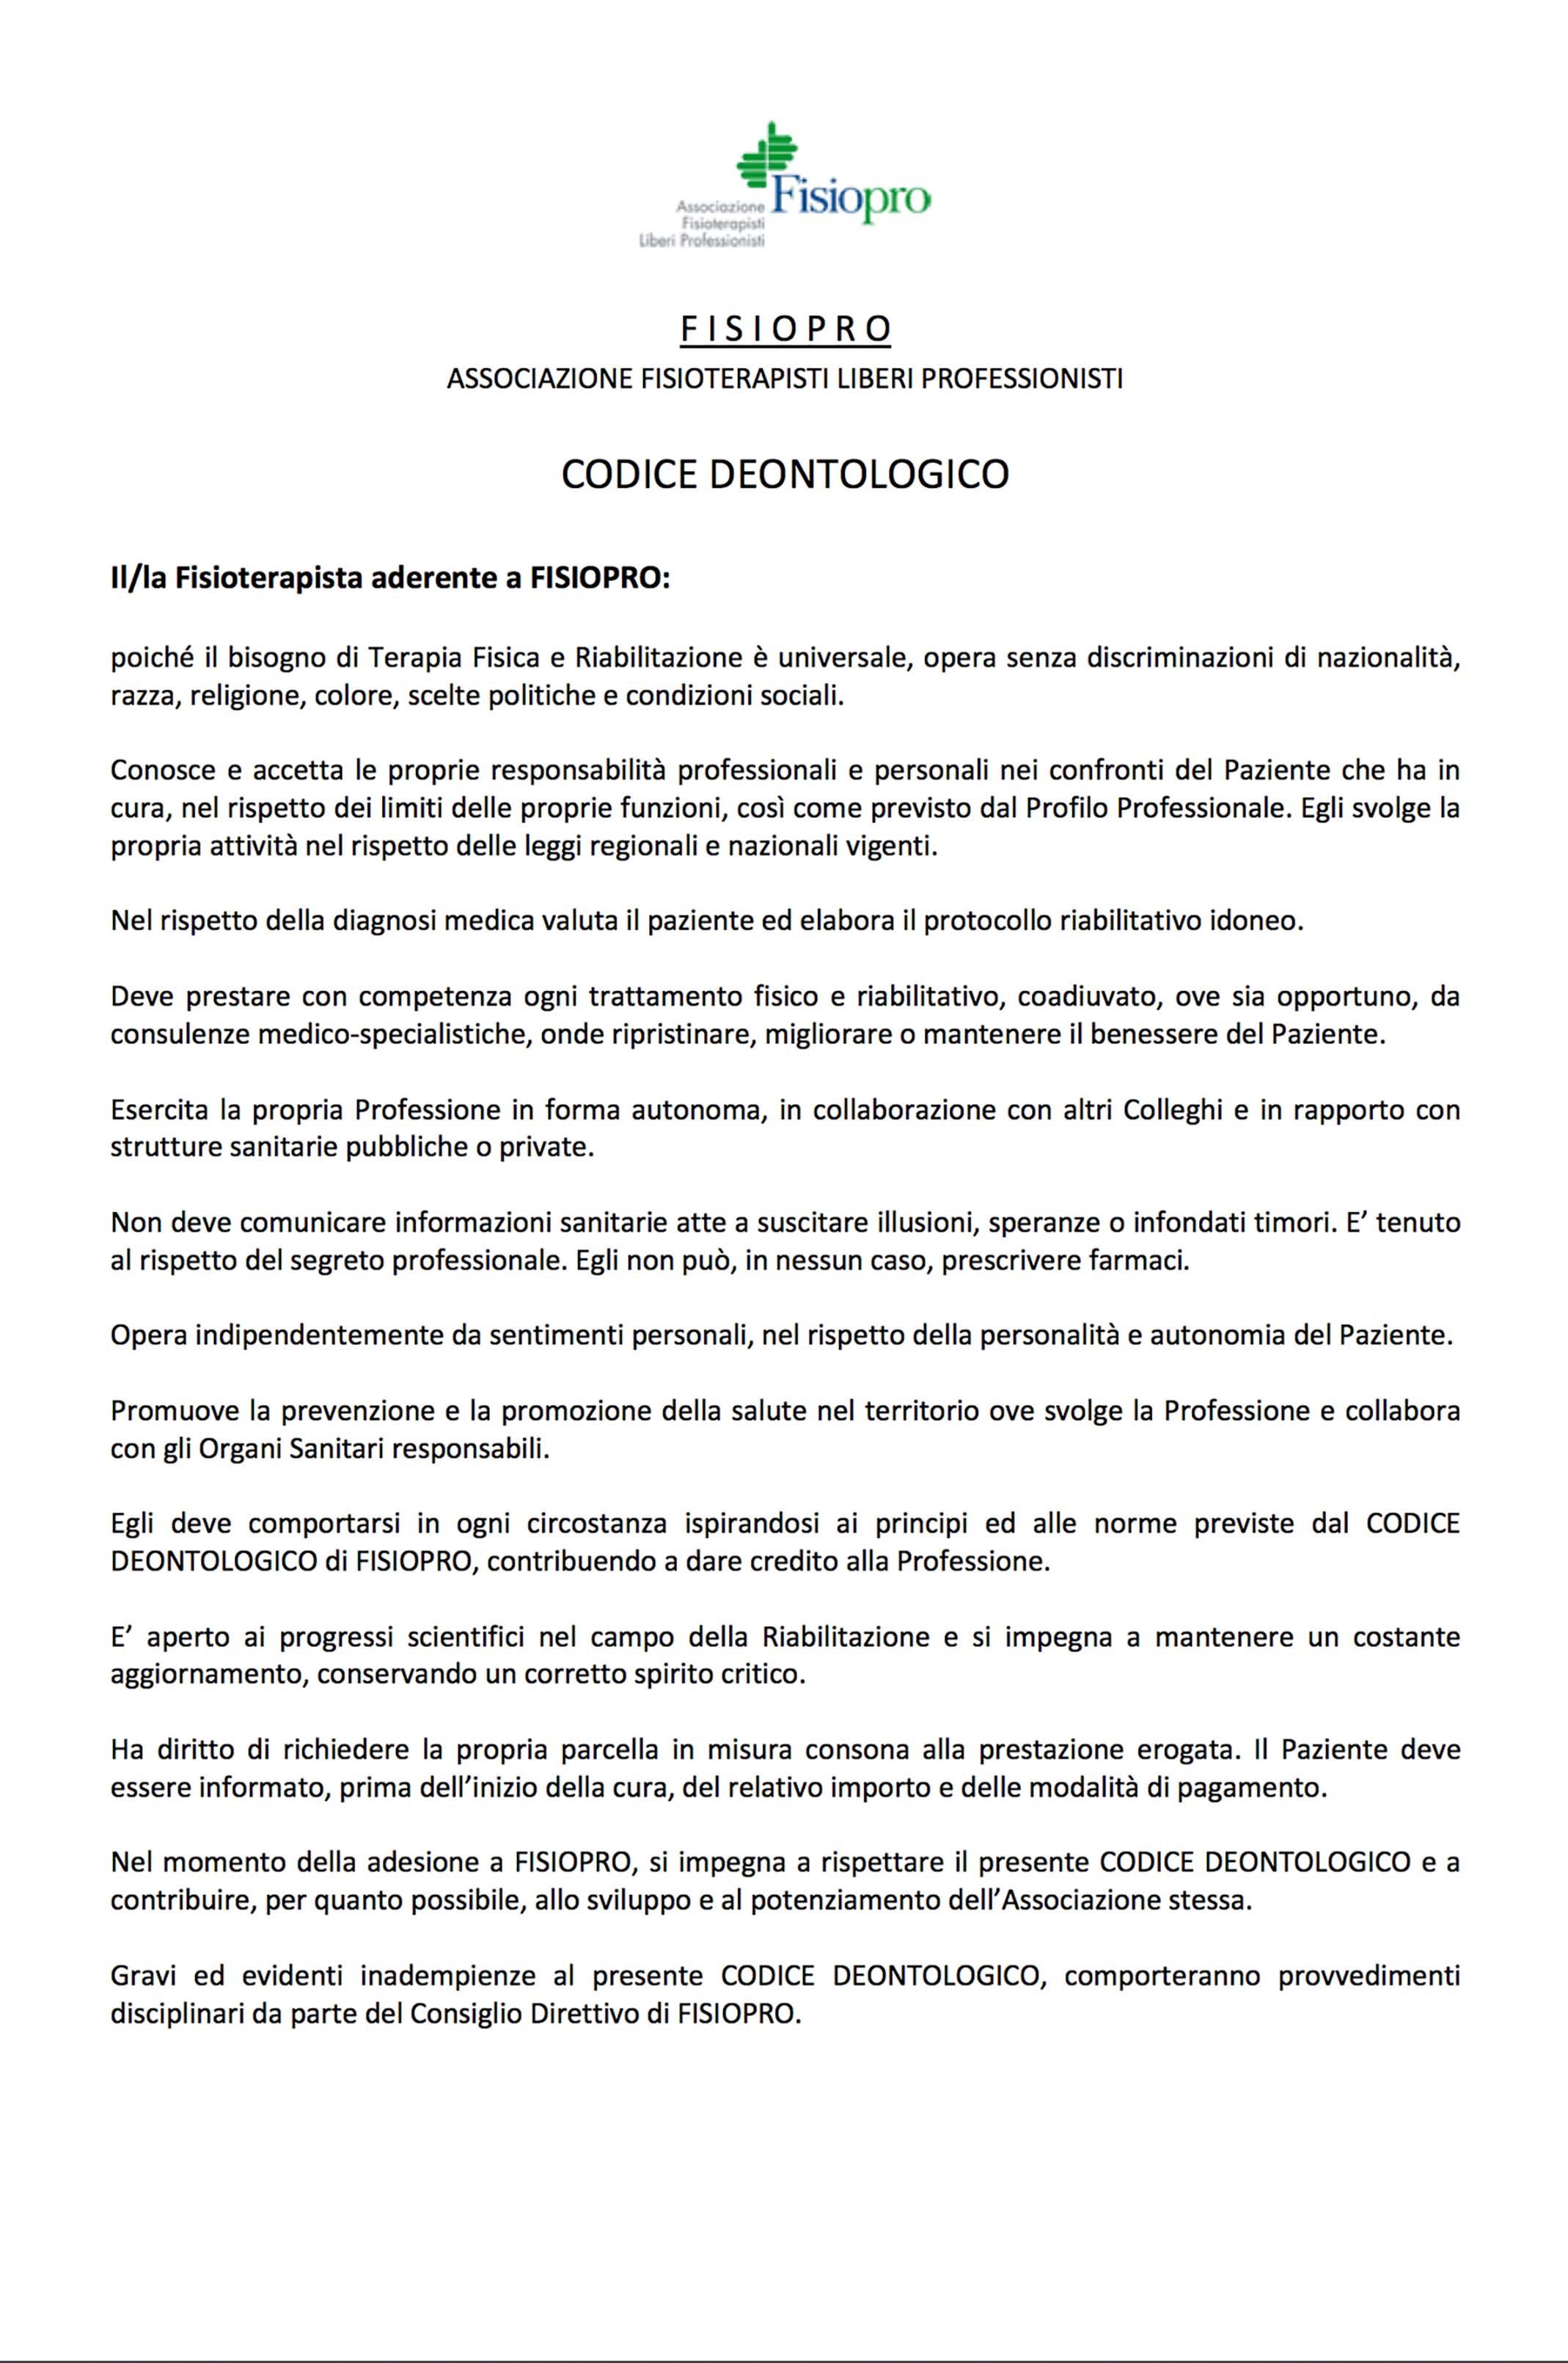 Codice deontologico Fisiopro